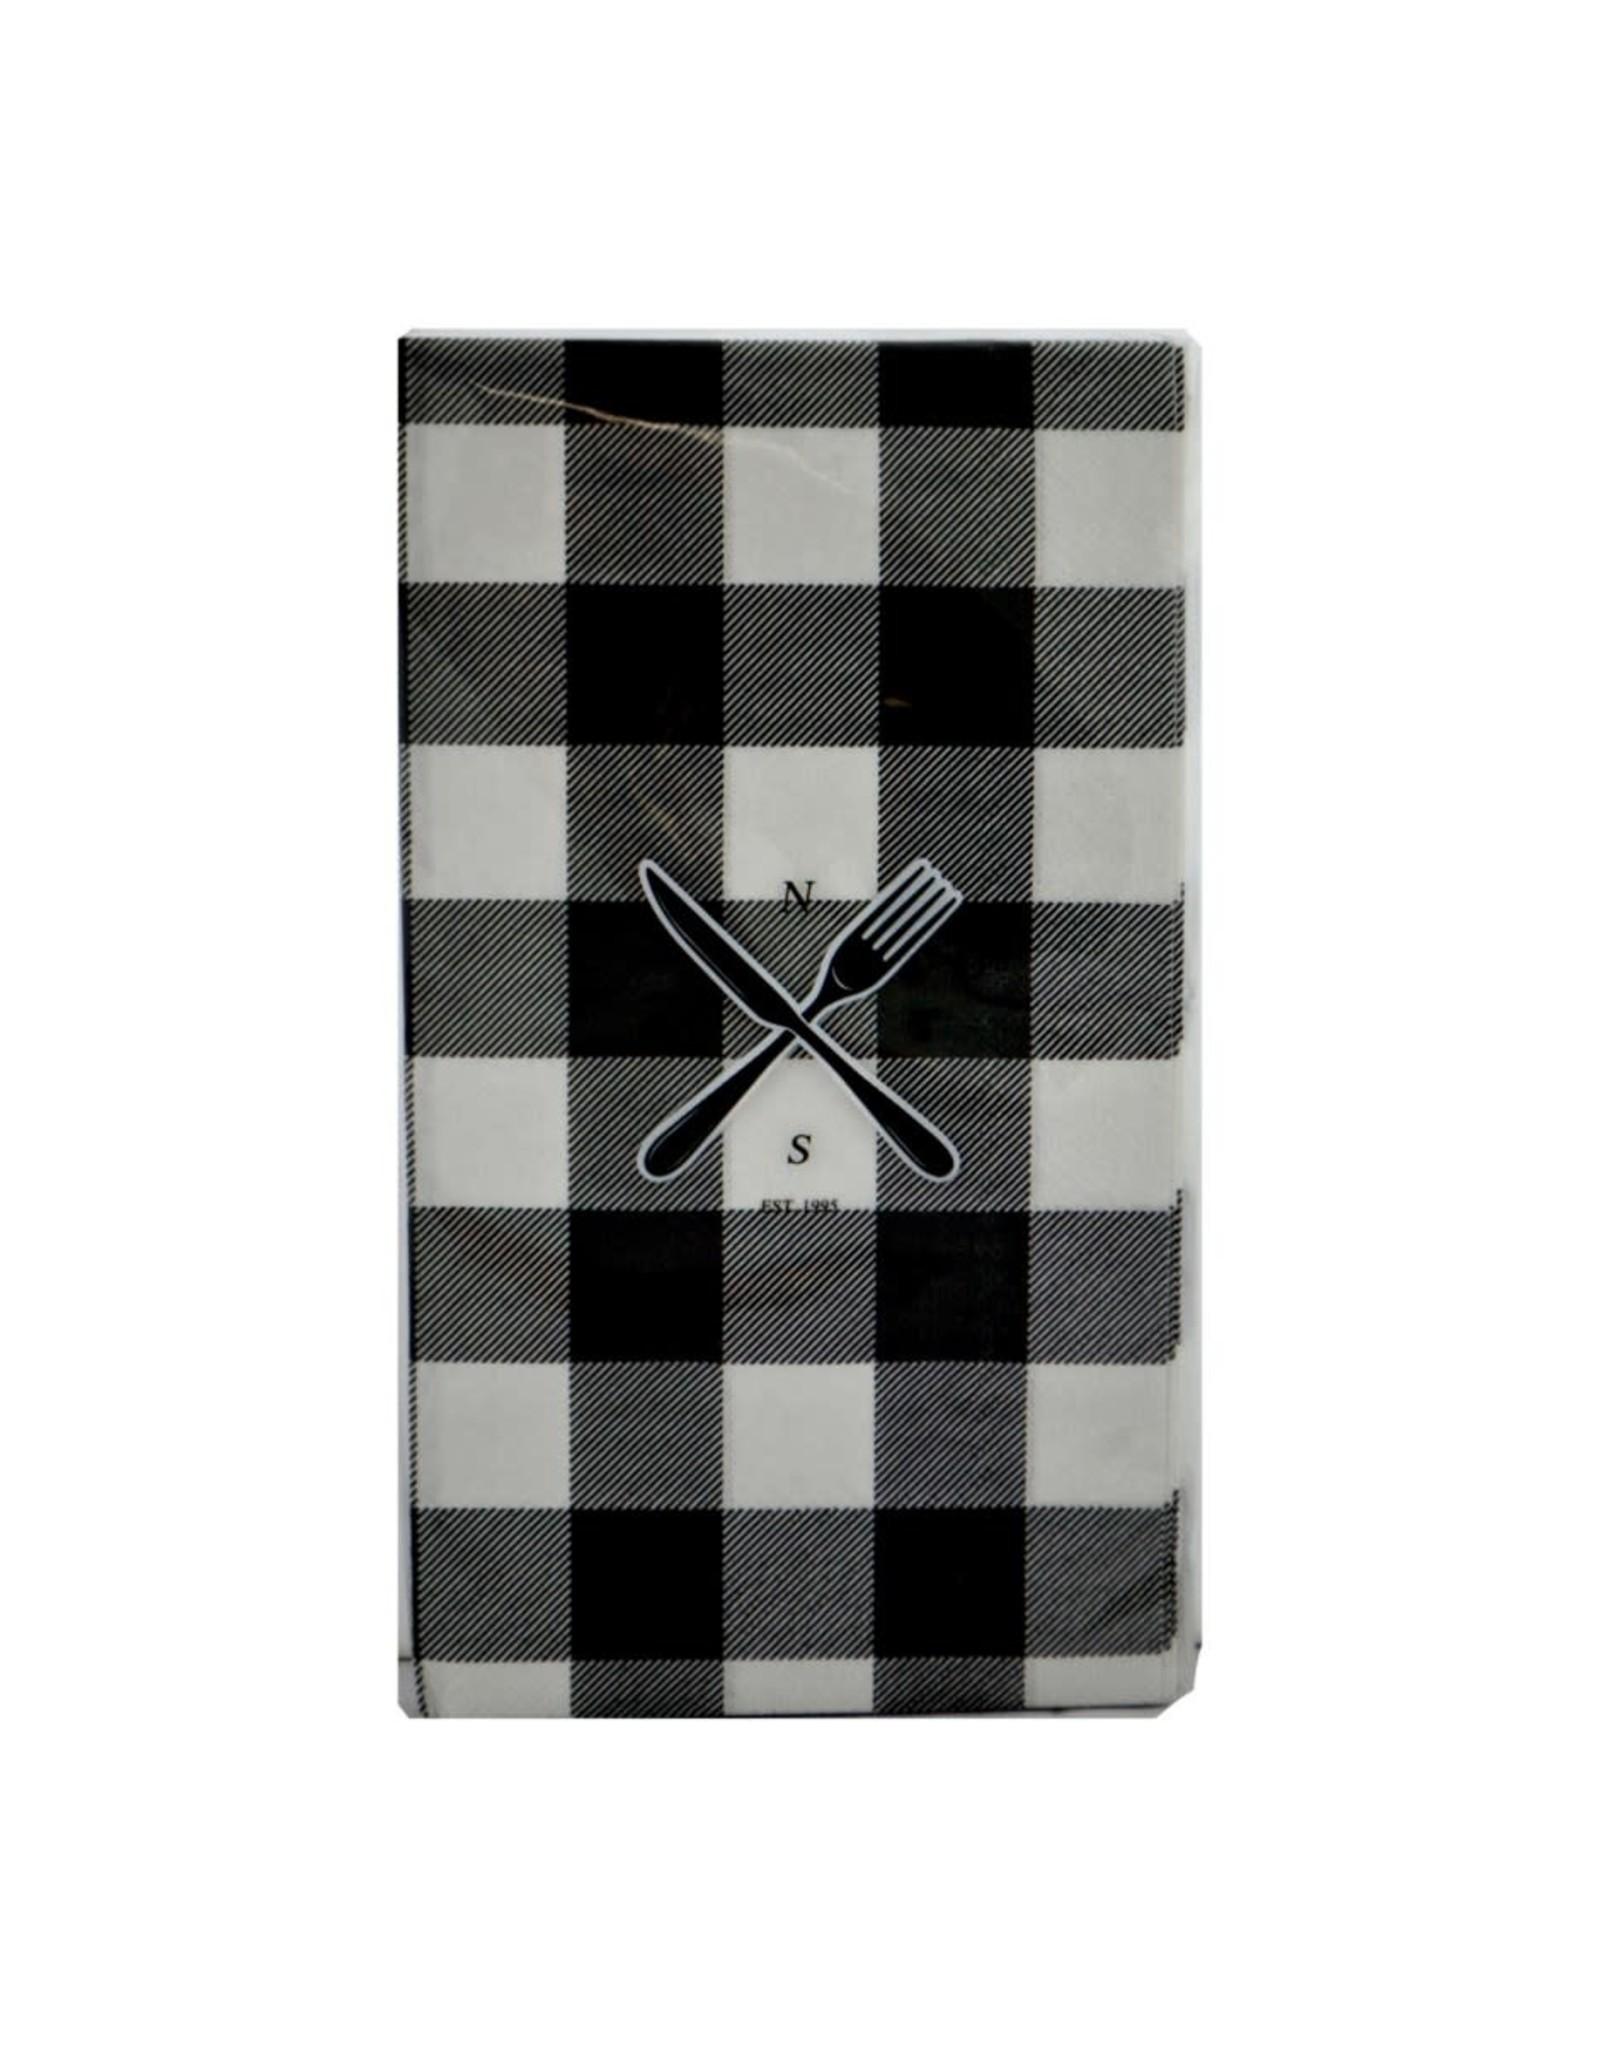 Serviettes de table - Carreaux noirs et blancs 10 pcs